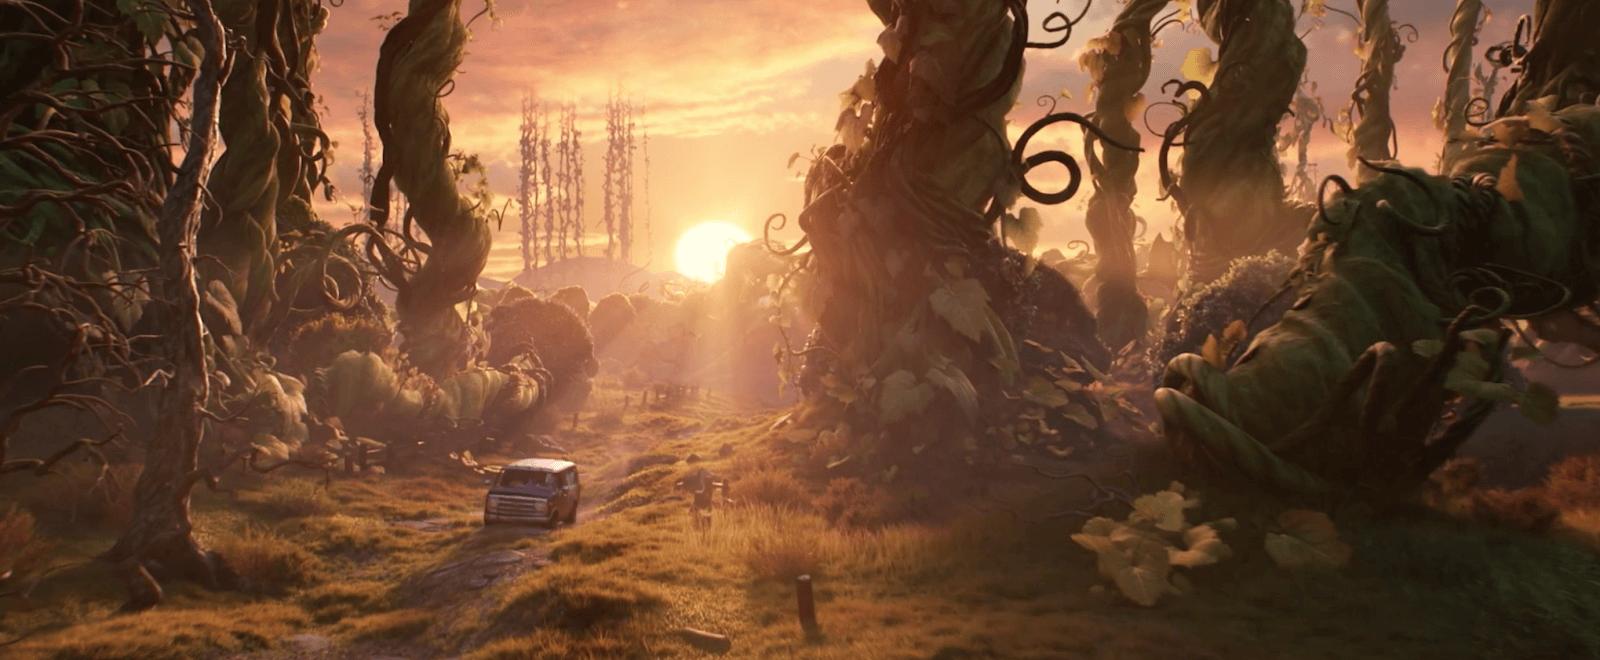 onward-2020-movie